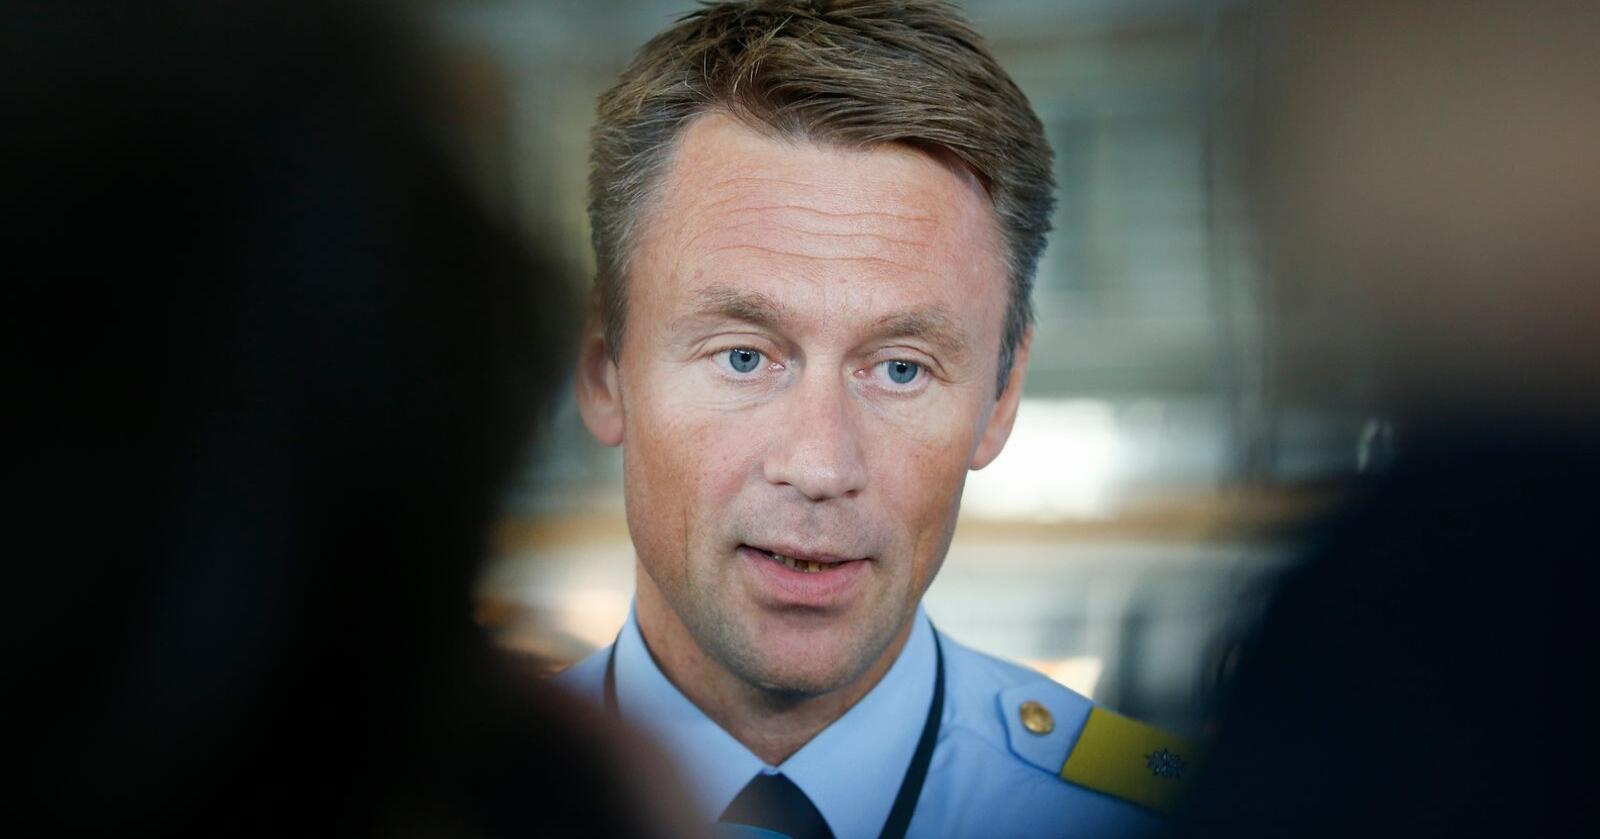 UP-sjef Steven Hasseldal stanser obligatoriske ruskontroller. Foto: Terje Pedersen / NTB scanpix